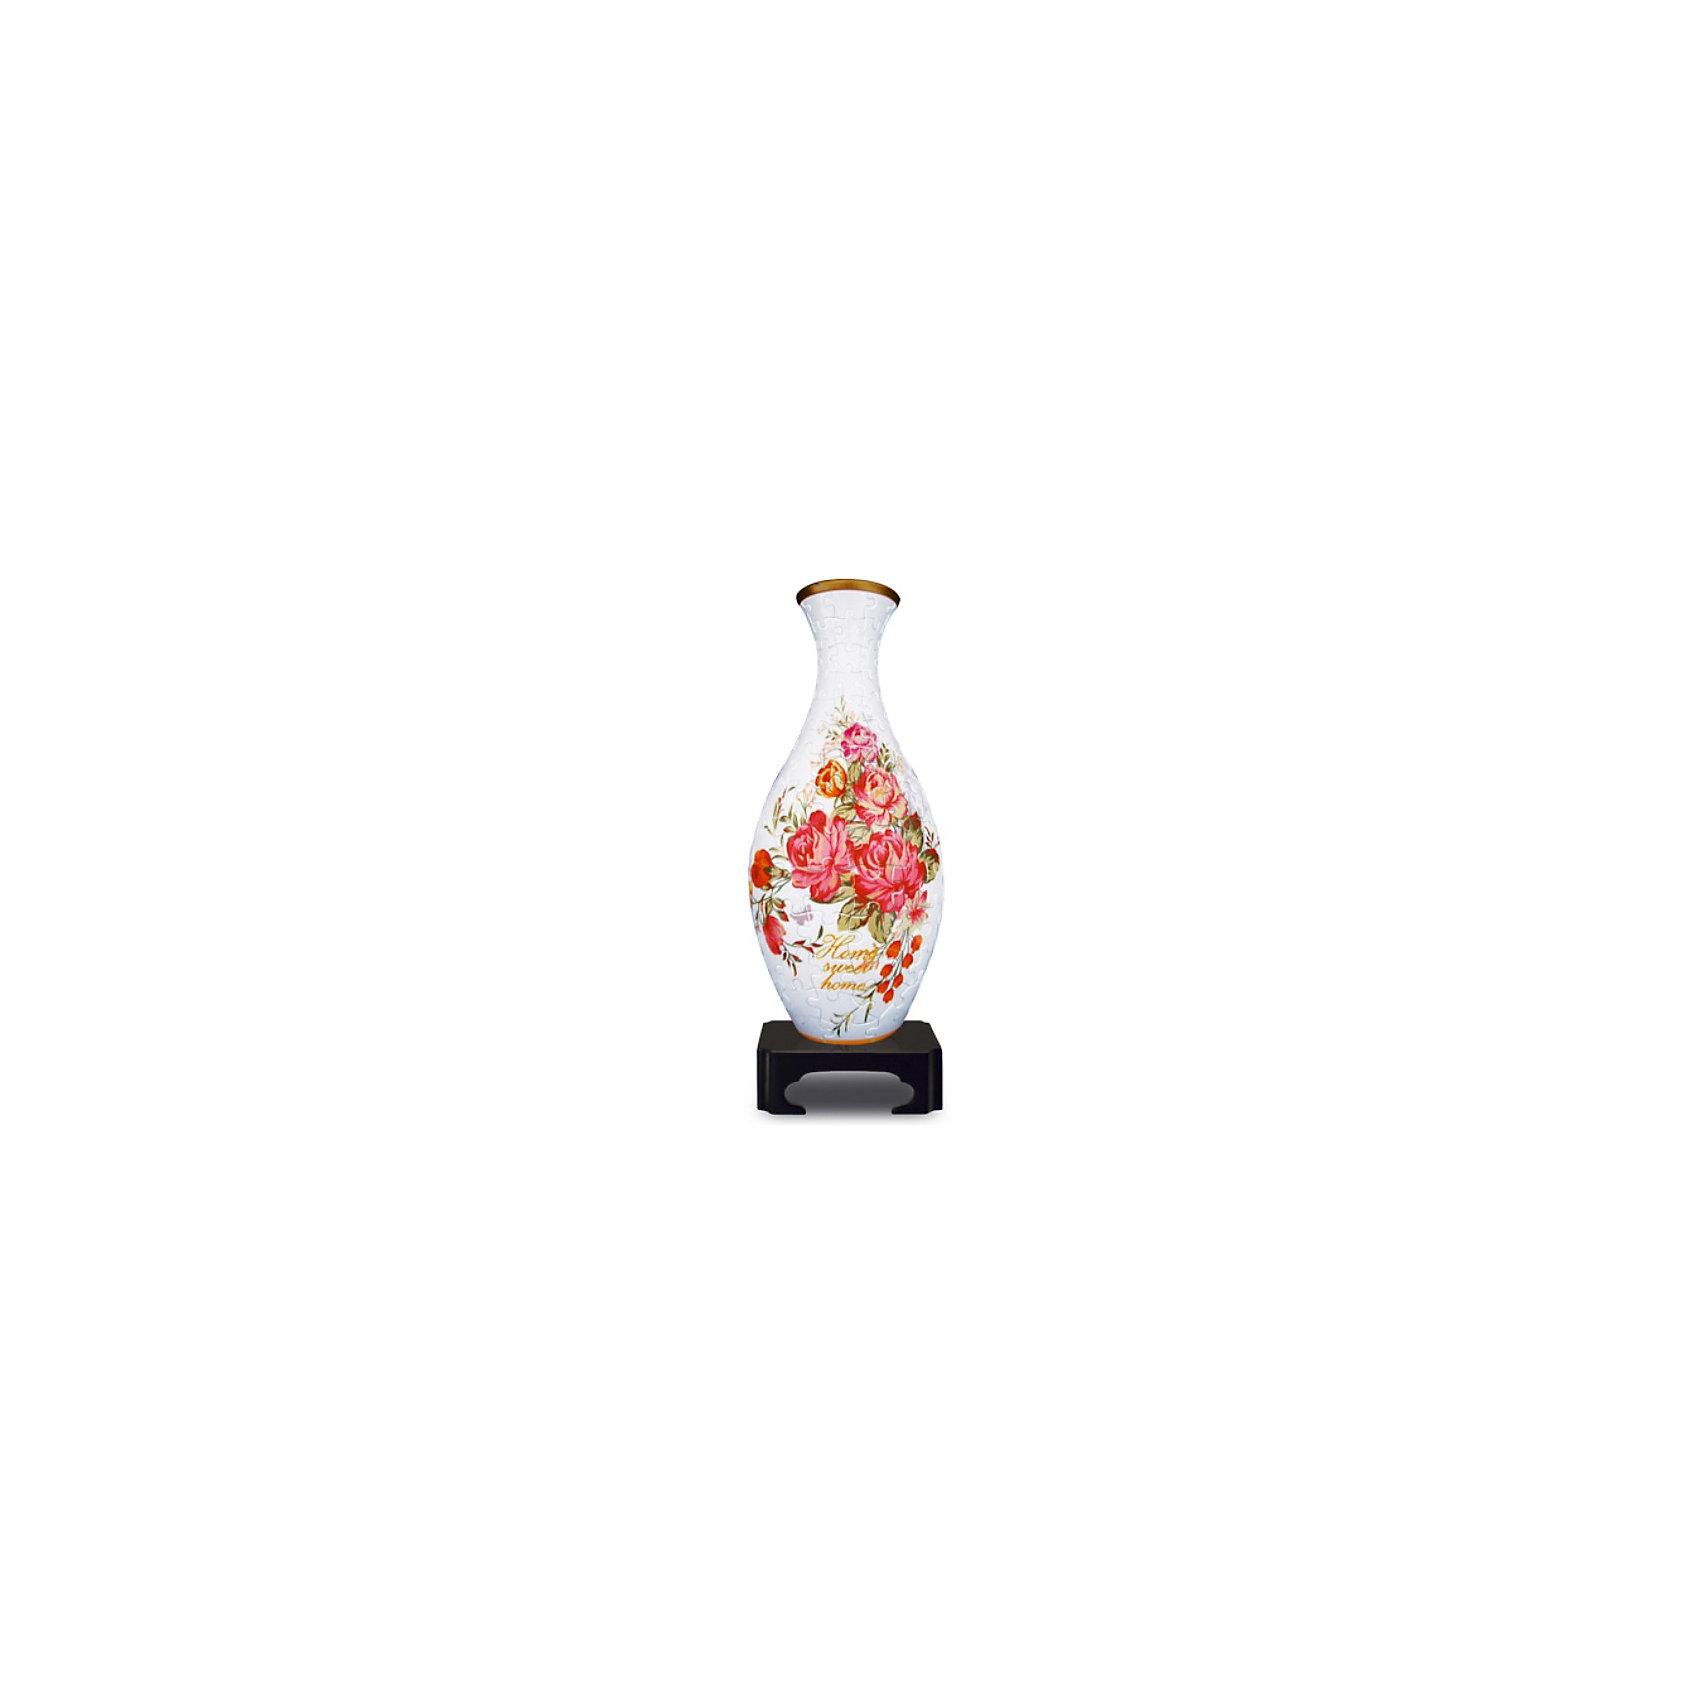 Pintoo Сфера-Пазл 3D Вазы: Бархатная Роза, 160 деталей,  Pintoo